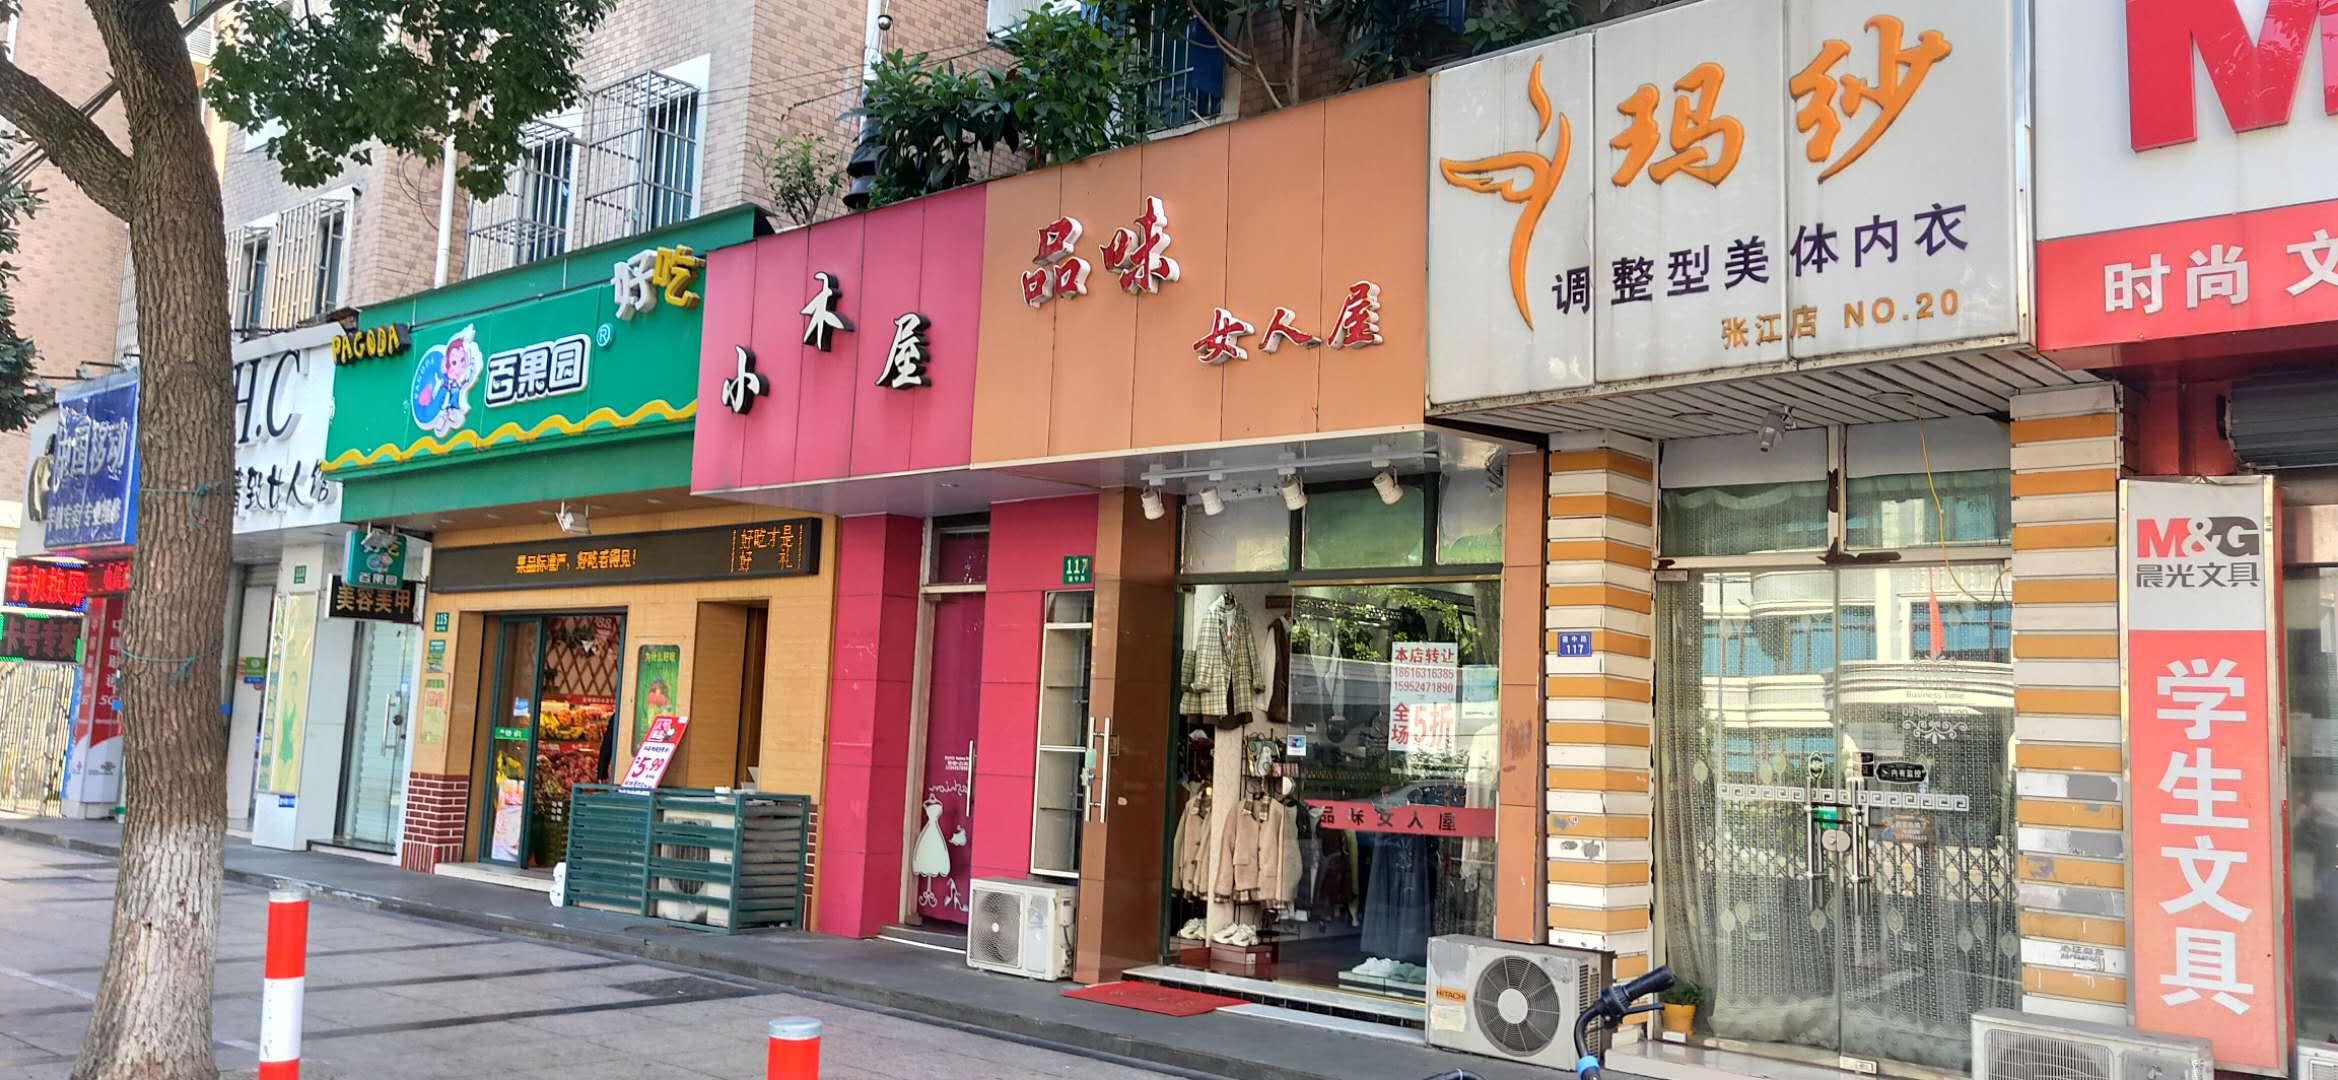 浦东张江建中路临街服装美容美甲百货餐饮小吃转让实景图片